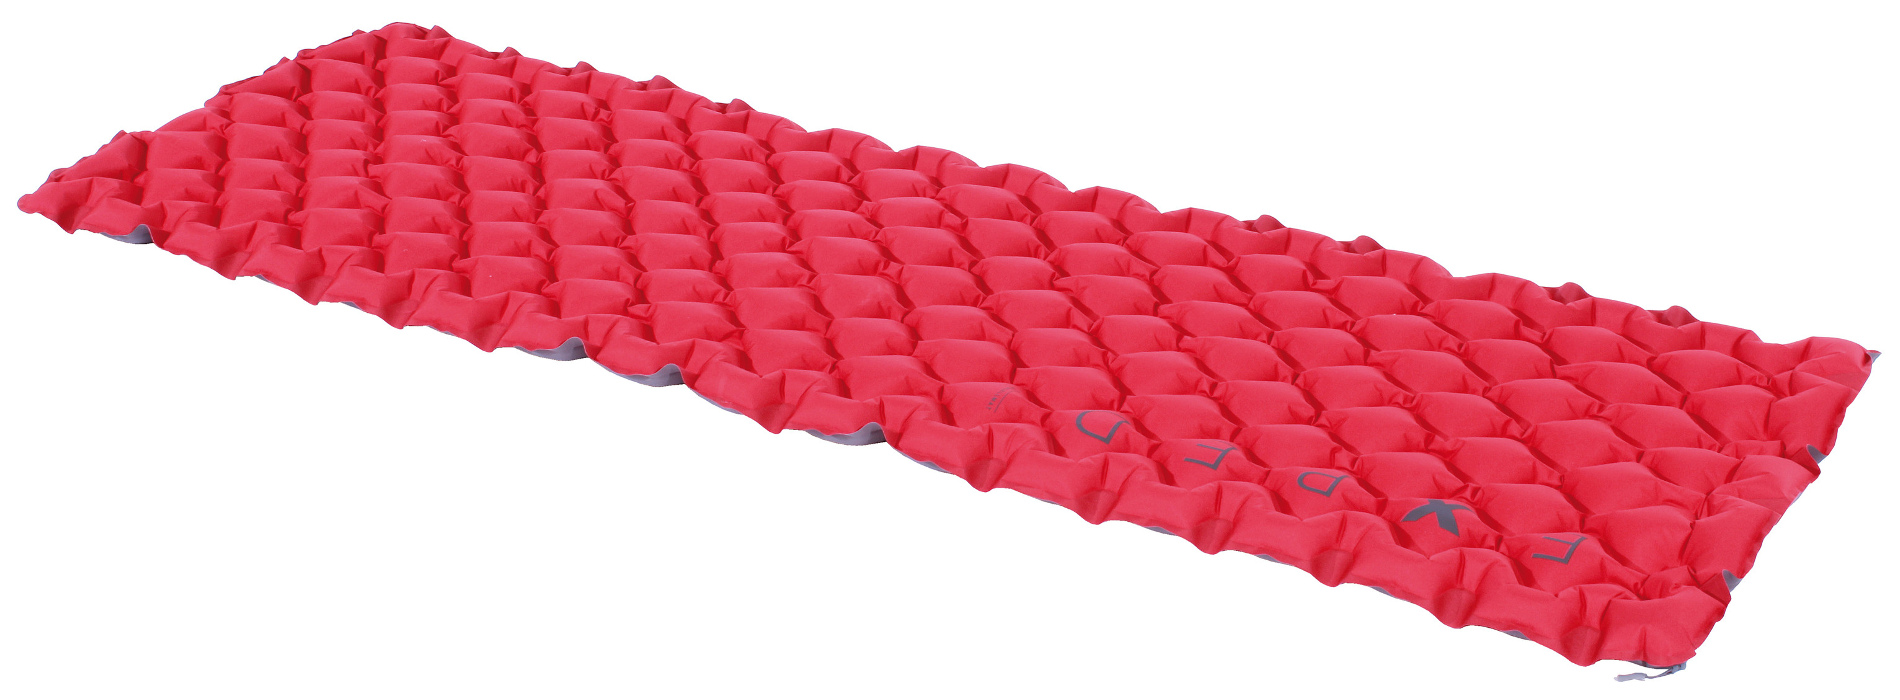 Коврик туристический надувной Exped SynCellMat 5M с синтетическим наполнителем